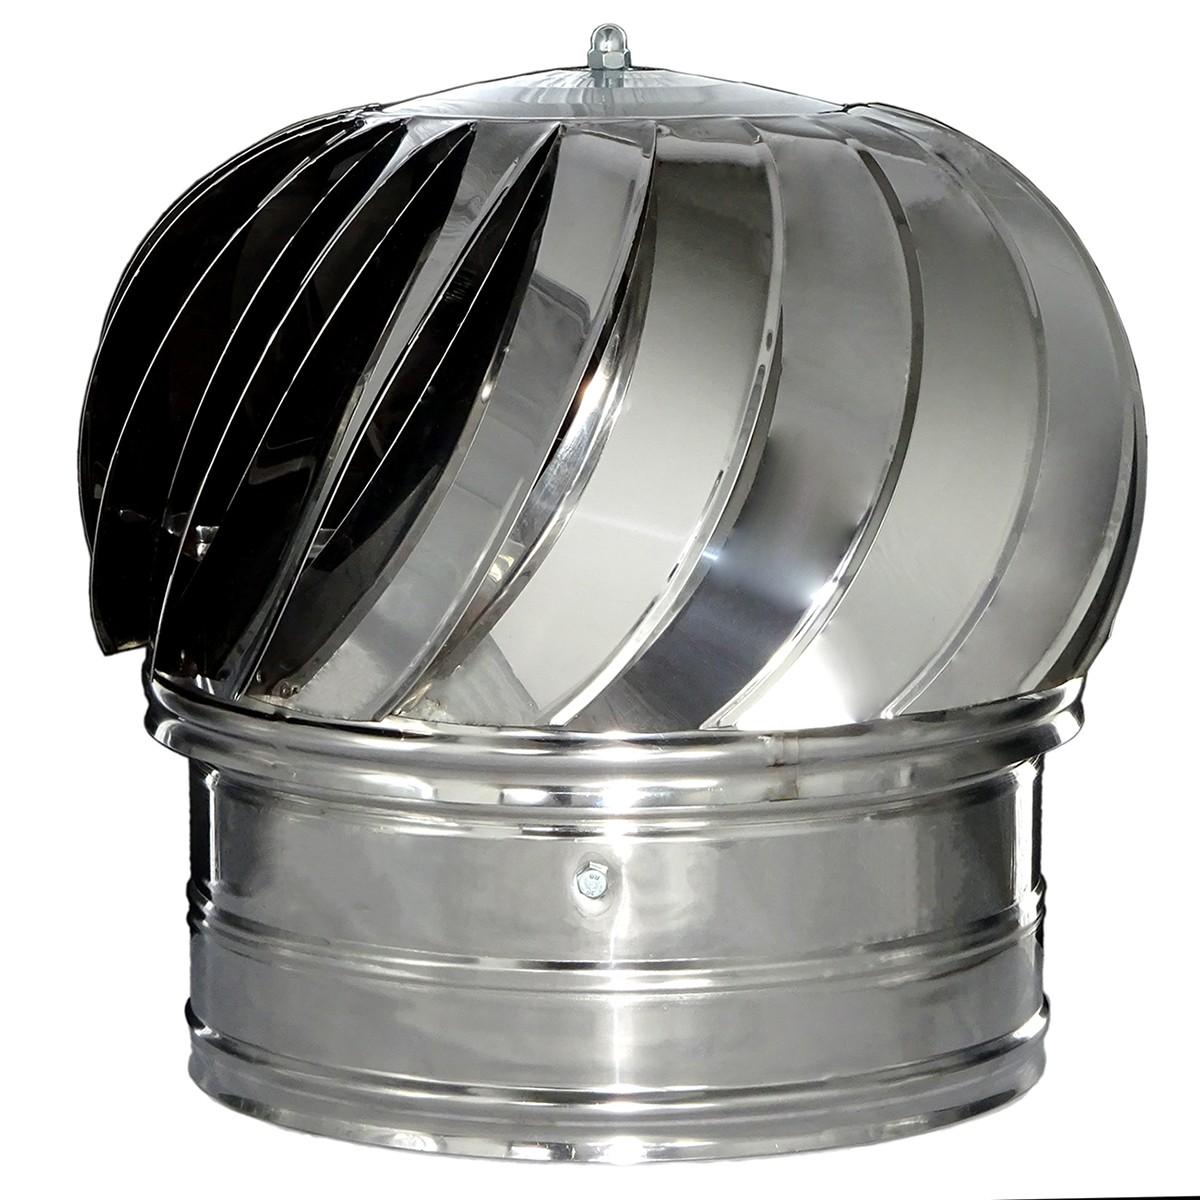 Pălărie rotativă din inox pentru coșuri de fum - Ø 160mm